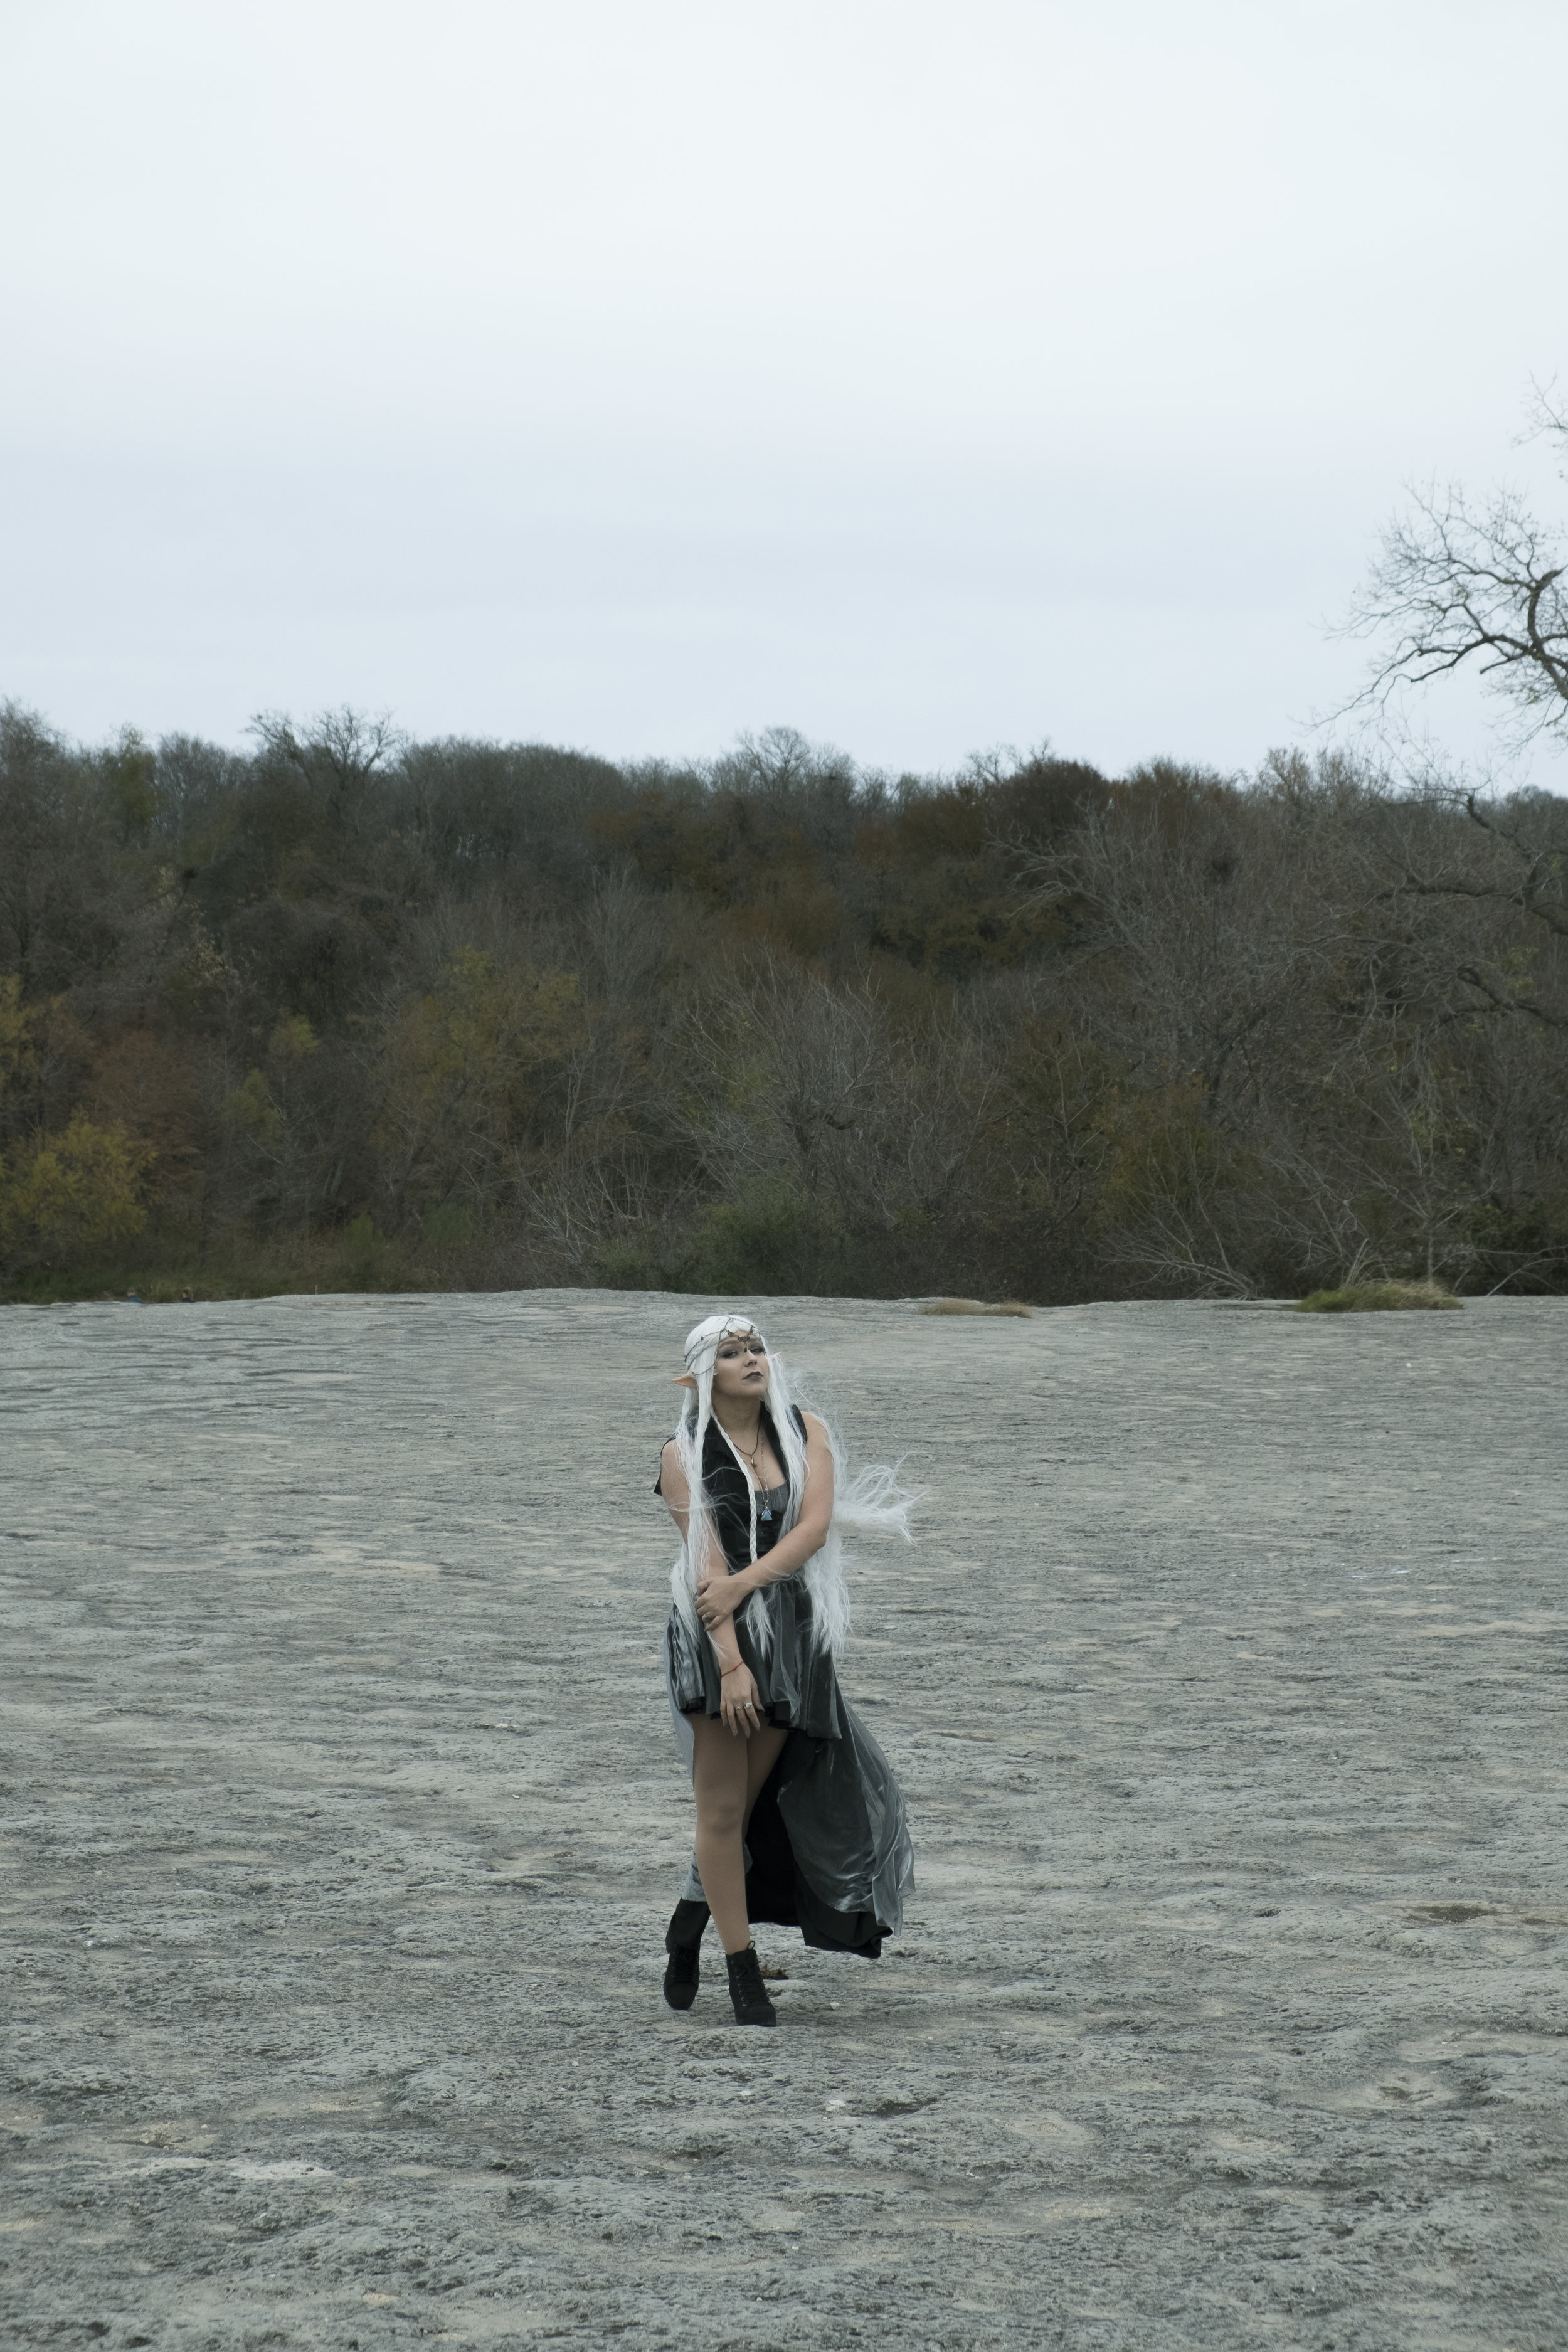 Mermaid Child in Aenwynn cosplay at McKinney Falls.